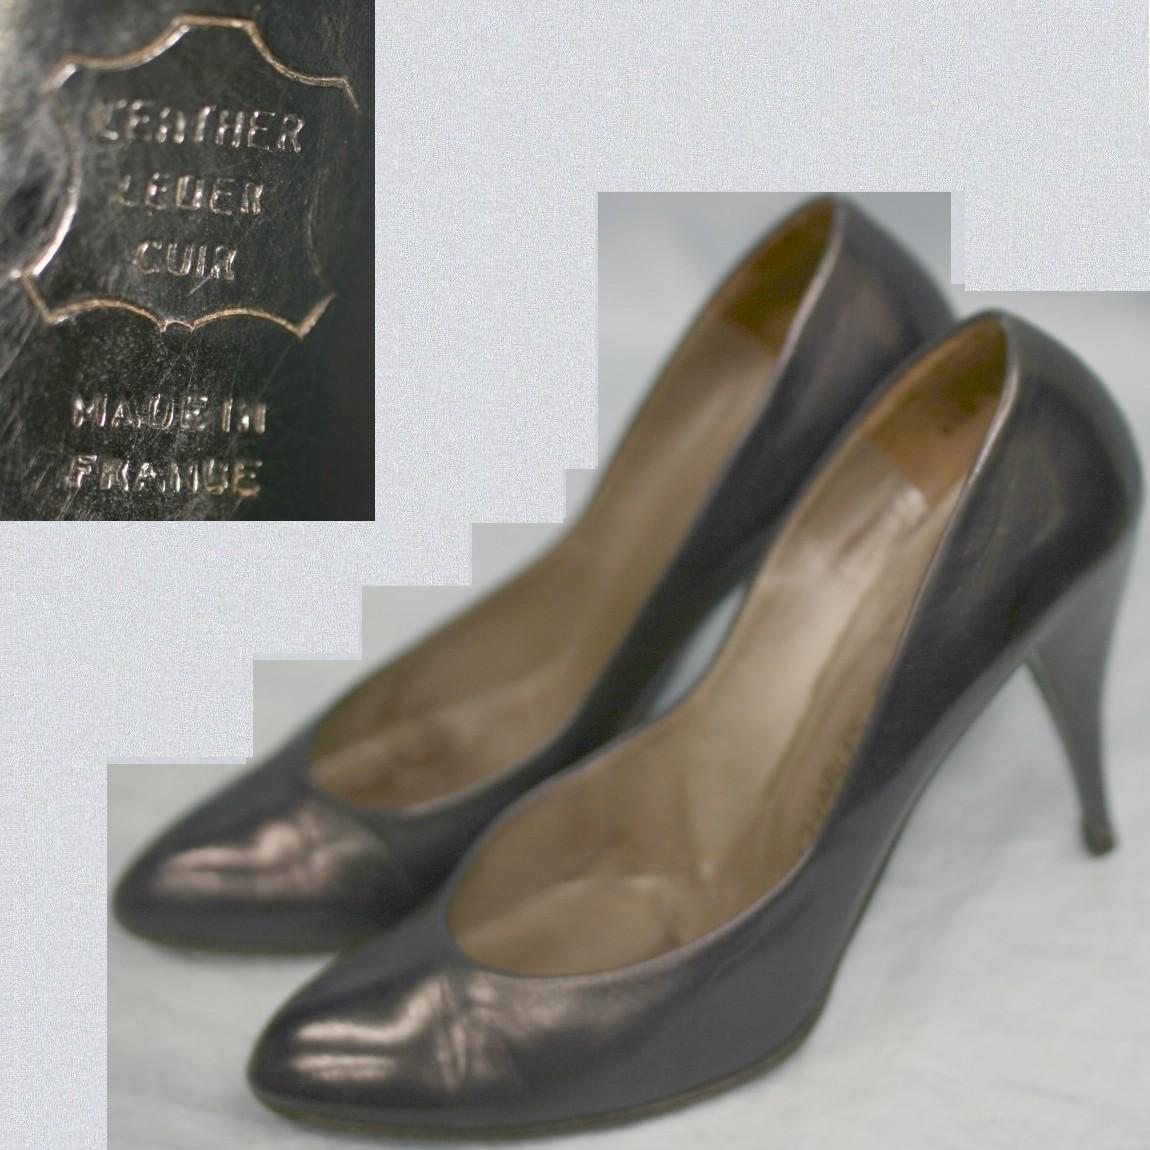 本物美品シャルルジョルダン女性用濃紺パンプスヒール9cm ○D5 184tCshdQxr